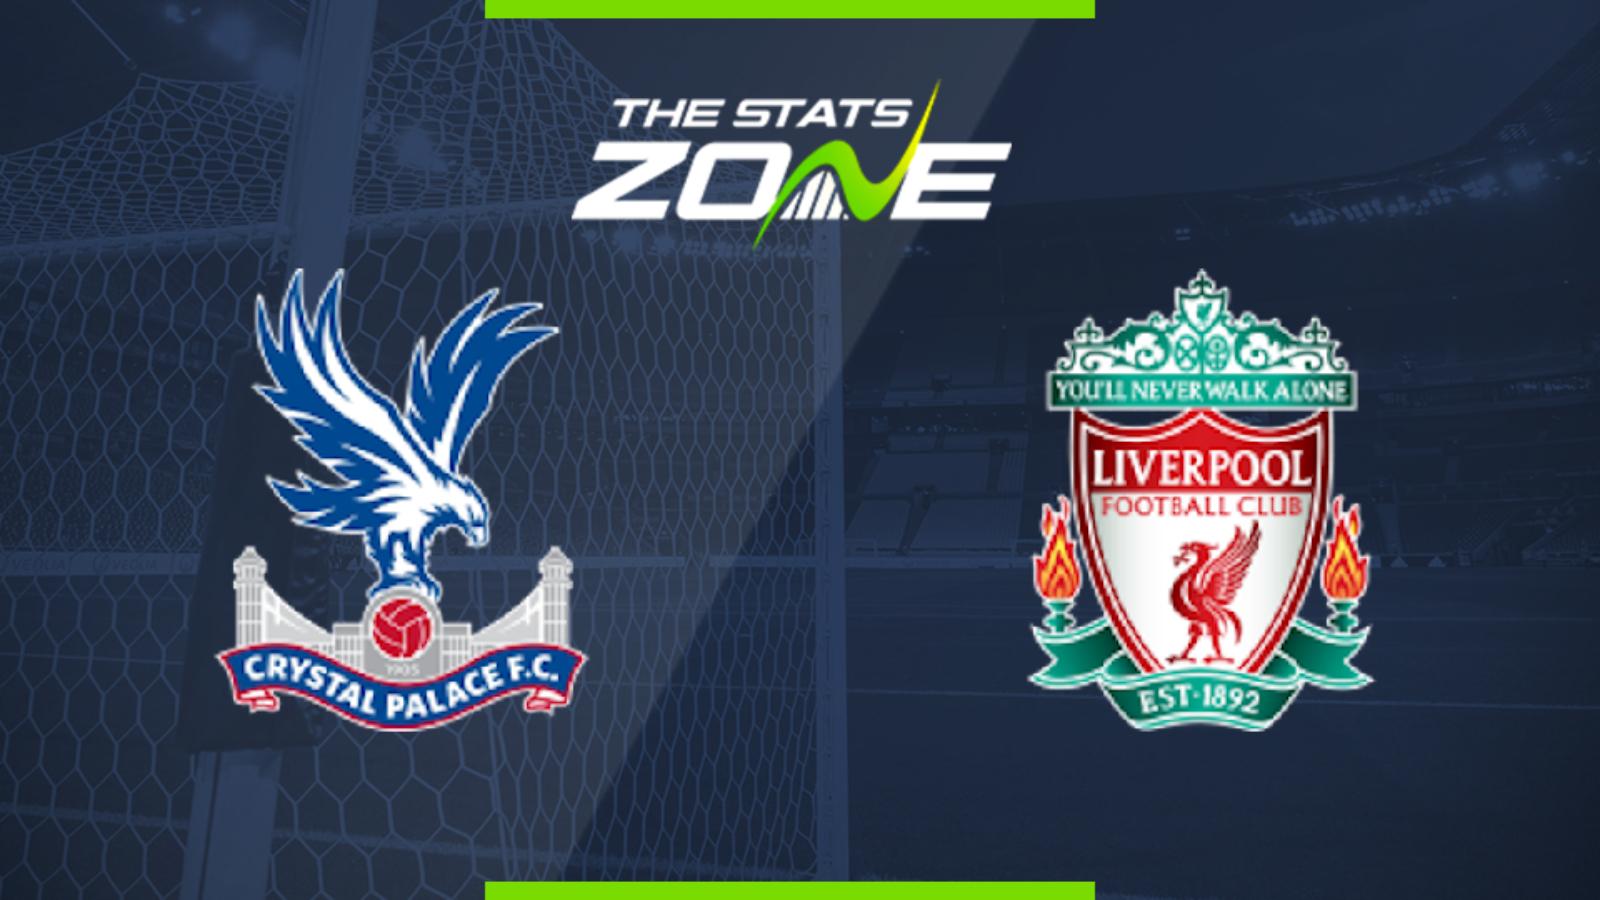 ผลการค้นหารูปภาพสำหรับ Crystal Palace - Liverpool graphic